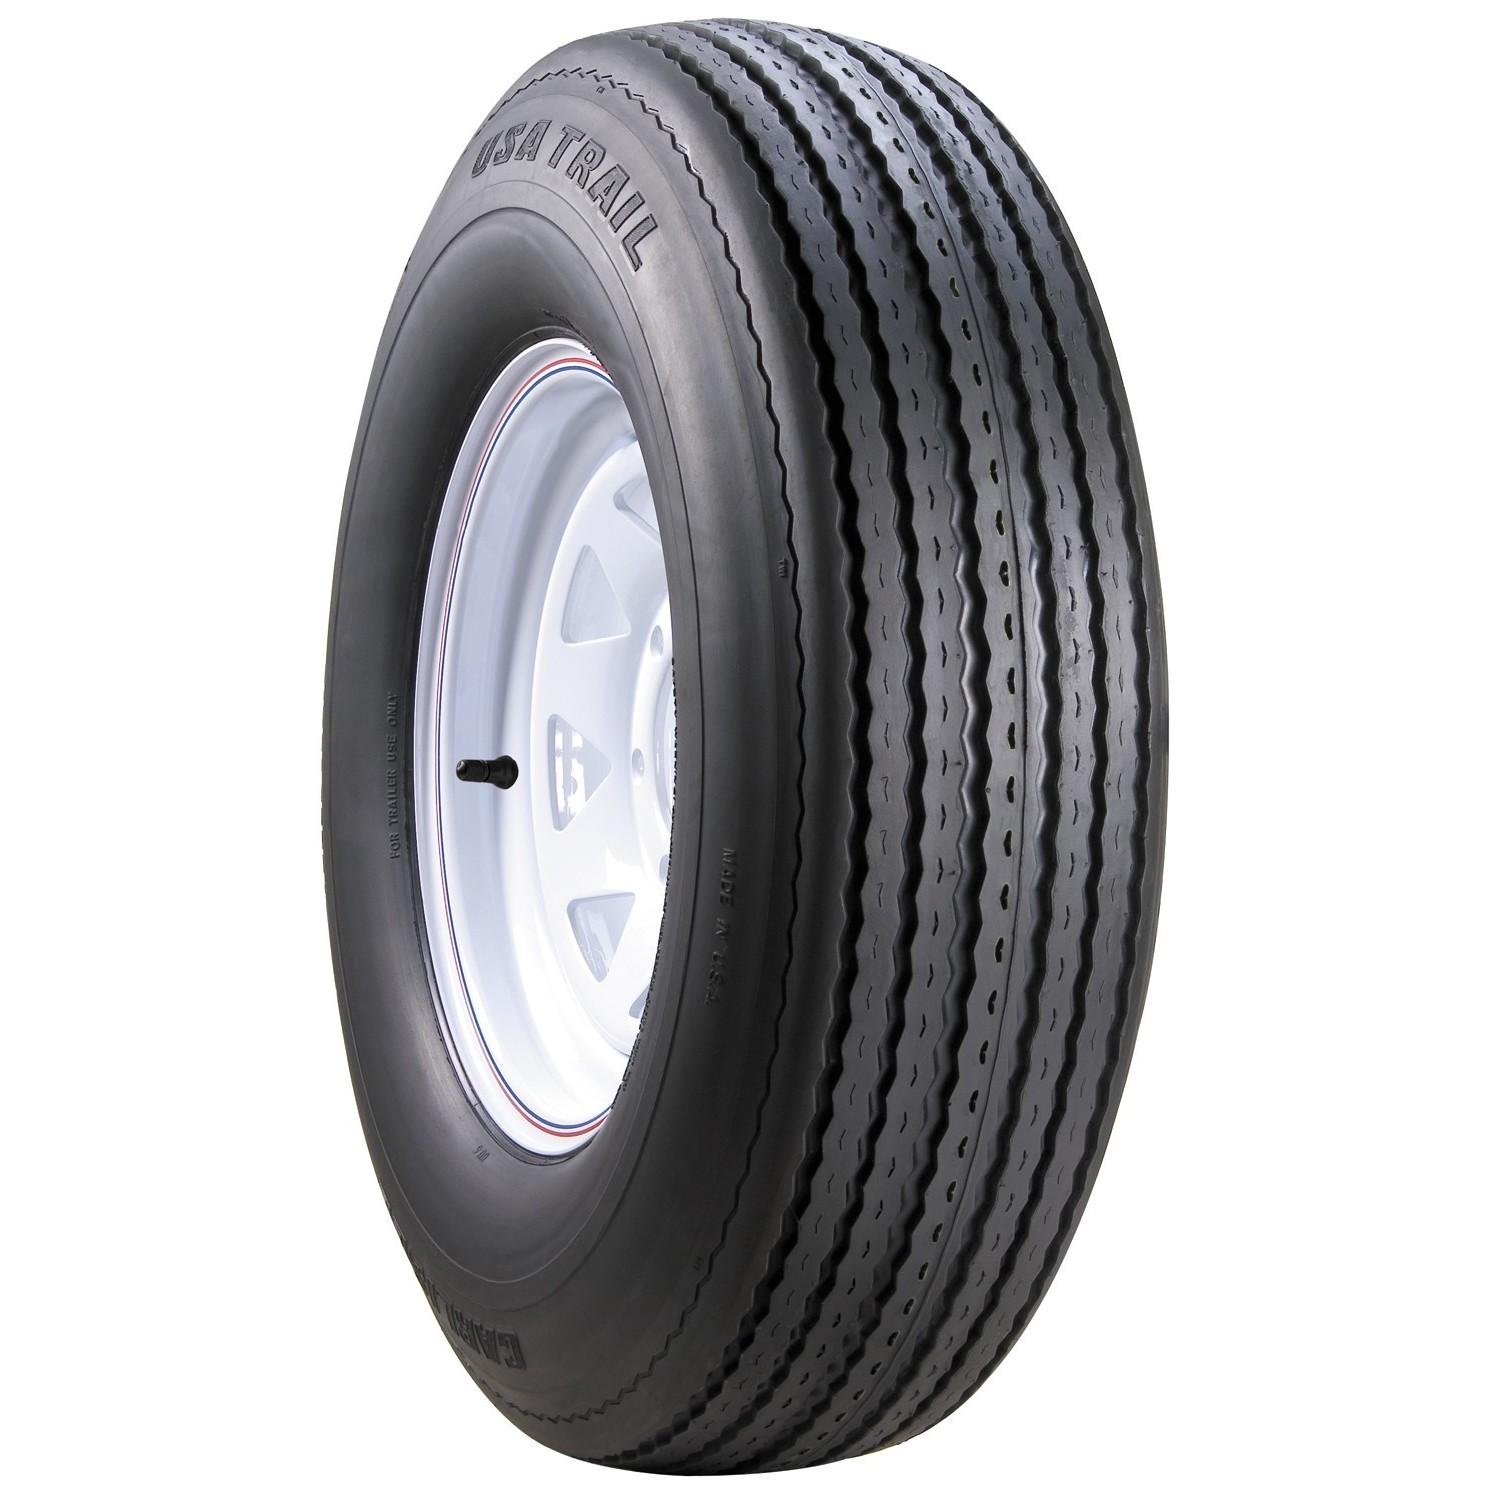 Carlisle USA Trail Bias Trailer Tire - 480-8 LRB/4 ply (B...